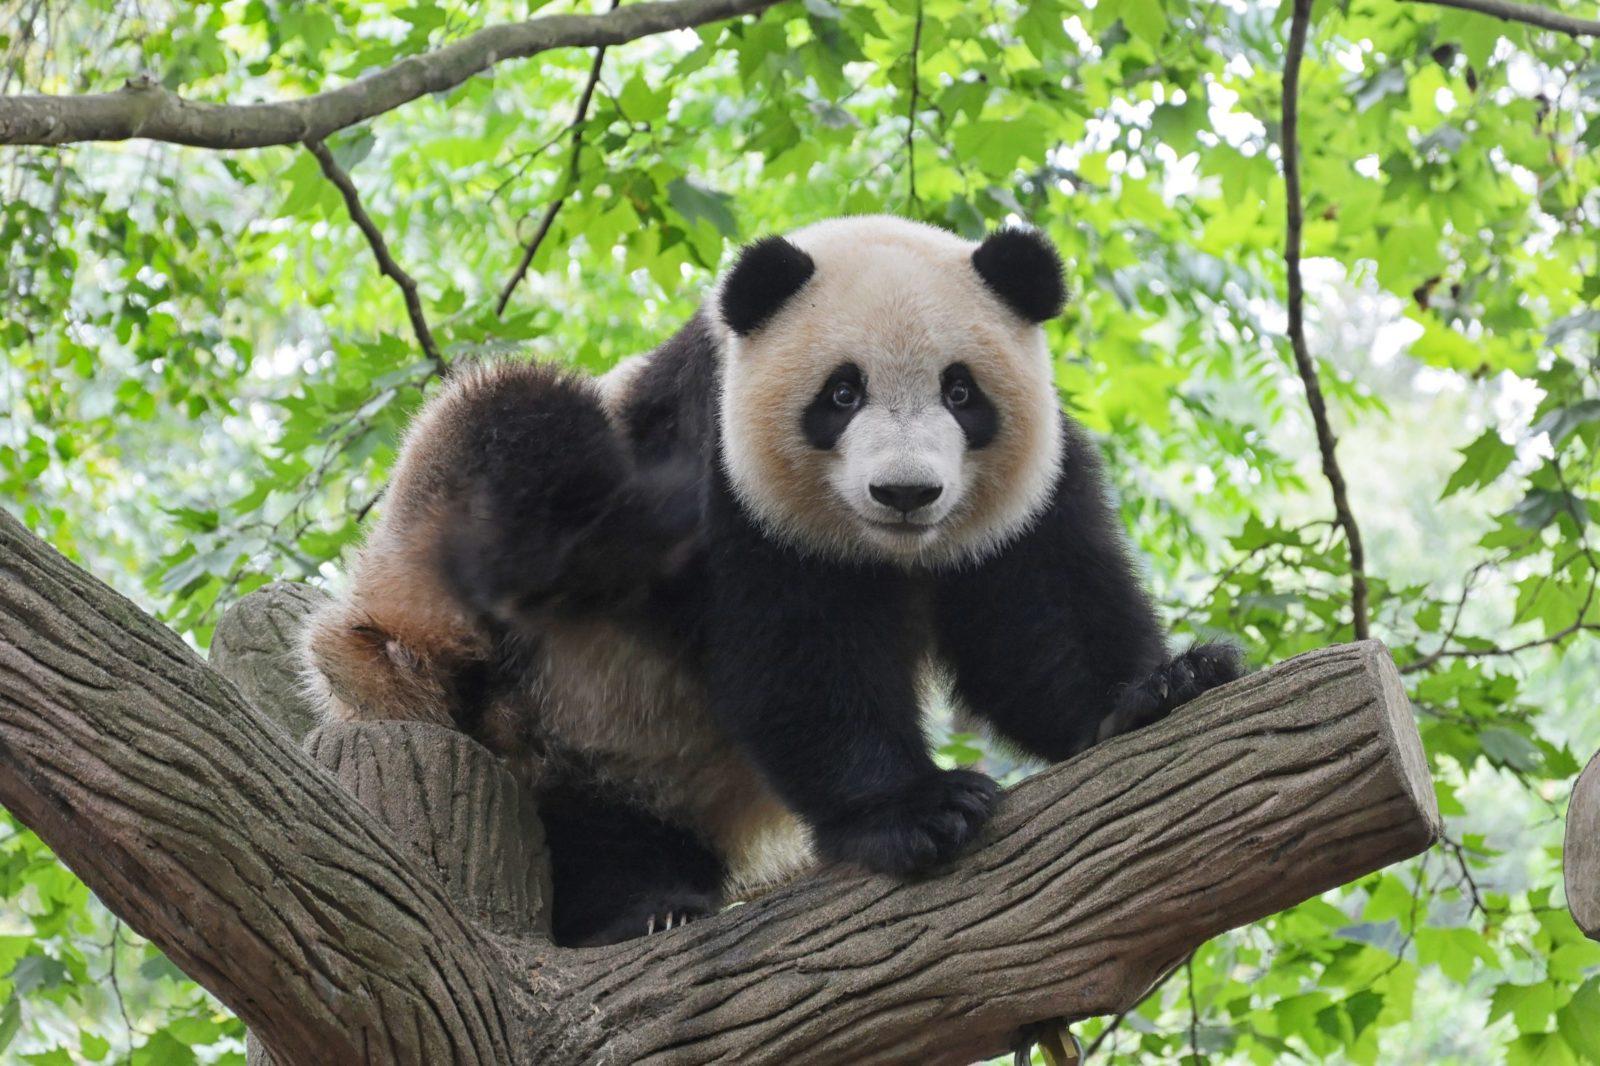 O urso panda é um dos animais fofos e perigosos mais populares.